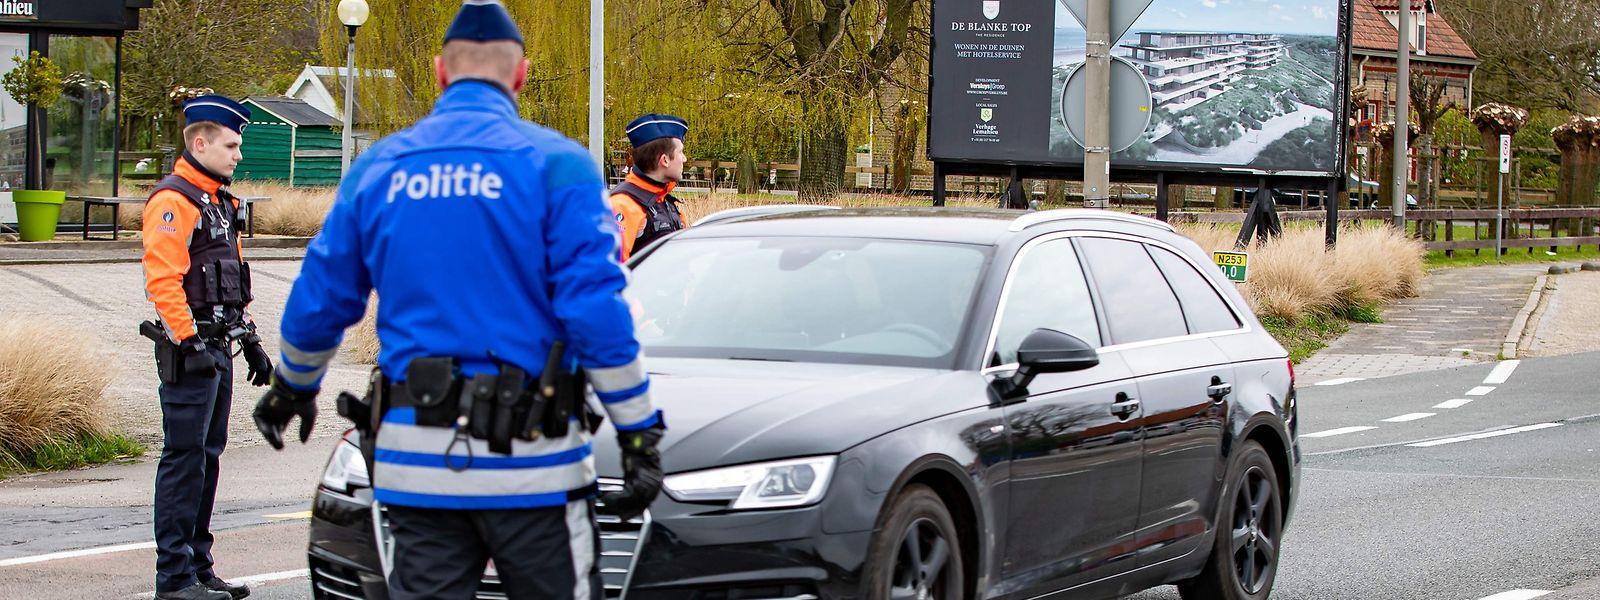 En Belgique, la police renvoie à son domicile tout qui n'a pas une raison valable de se trouver en rue. Toutefois, les policiers doivent s'en remettre à la bonne foi des personnes contrôlées.